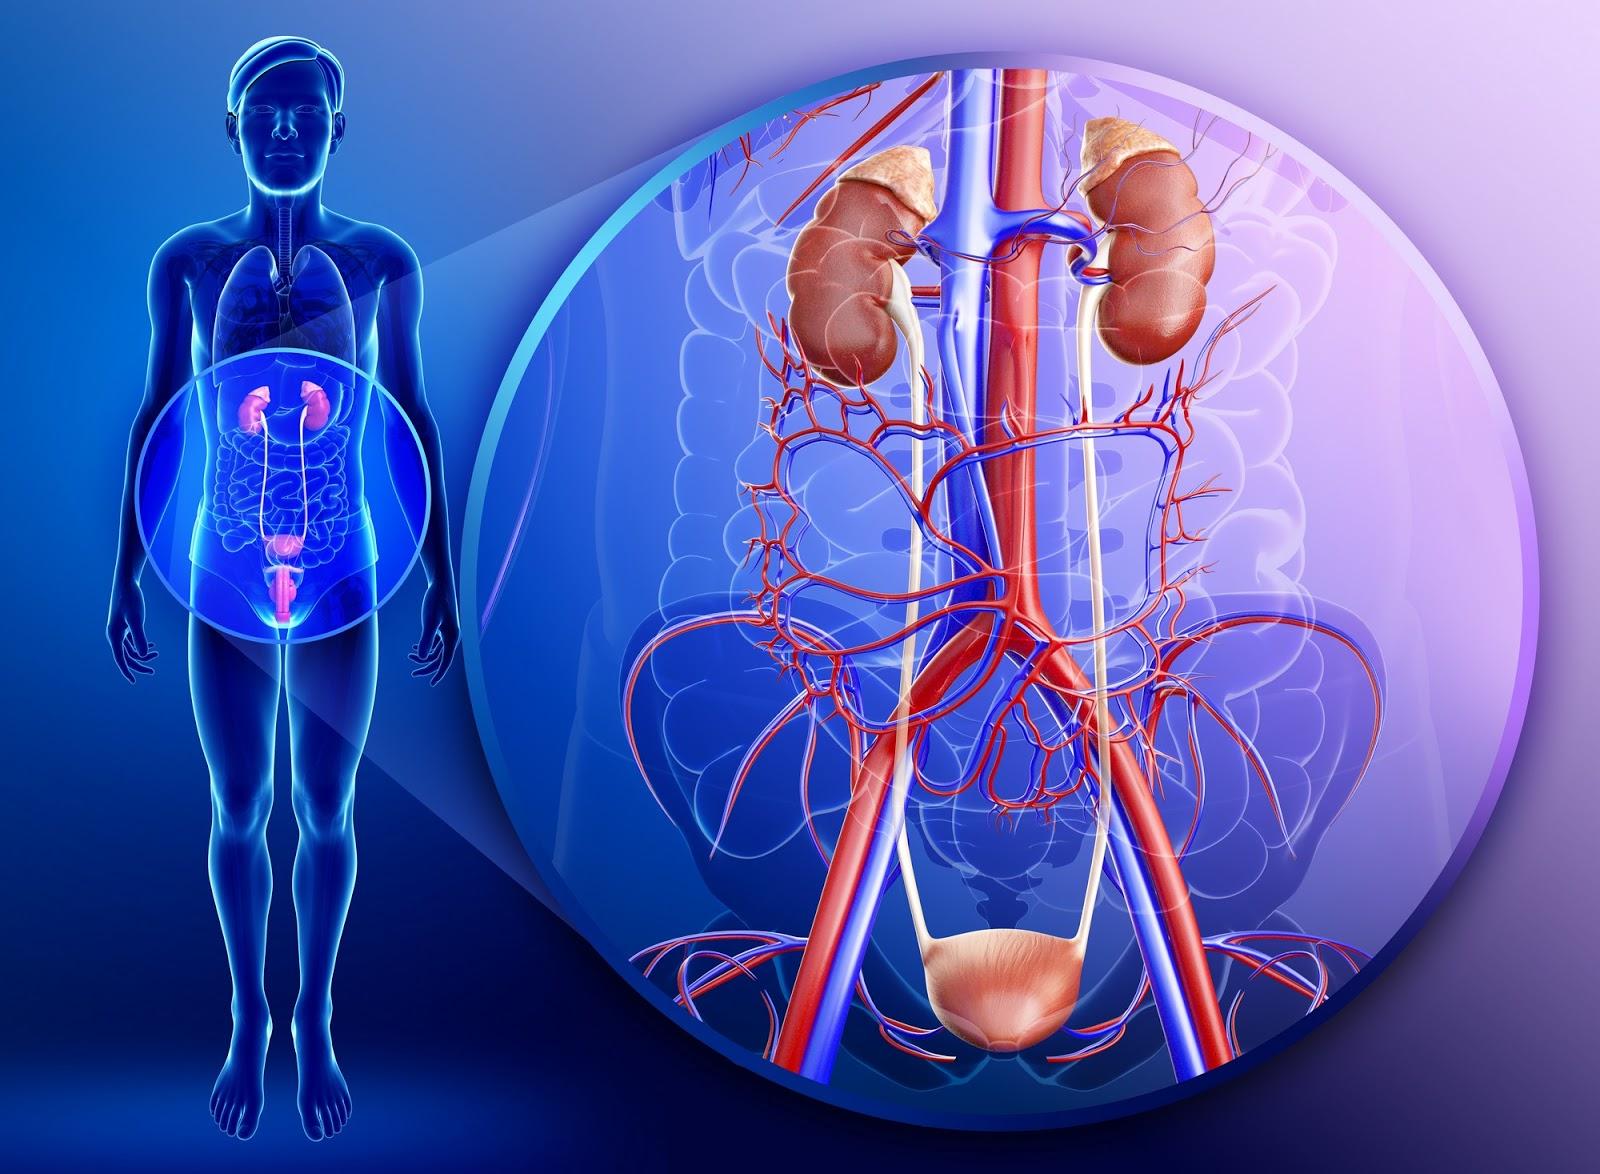 Хронический пиелонефрит: как не ошибиться в диагнозе